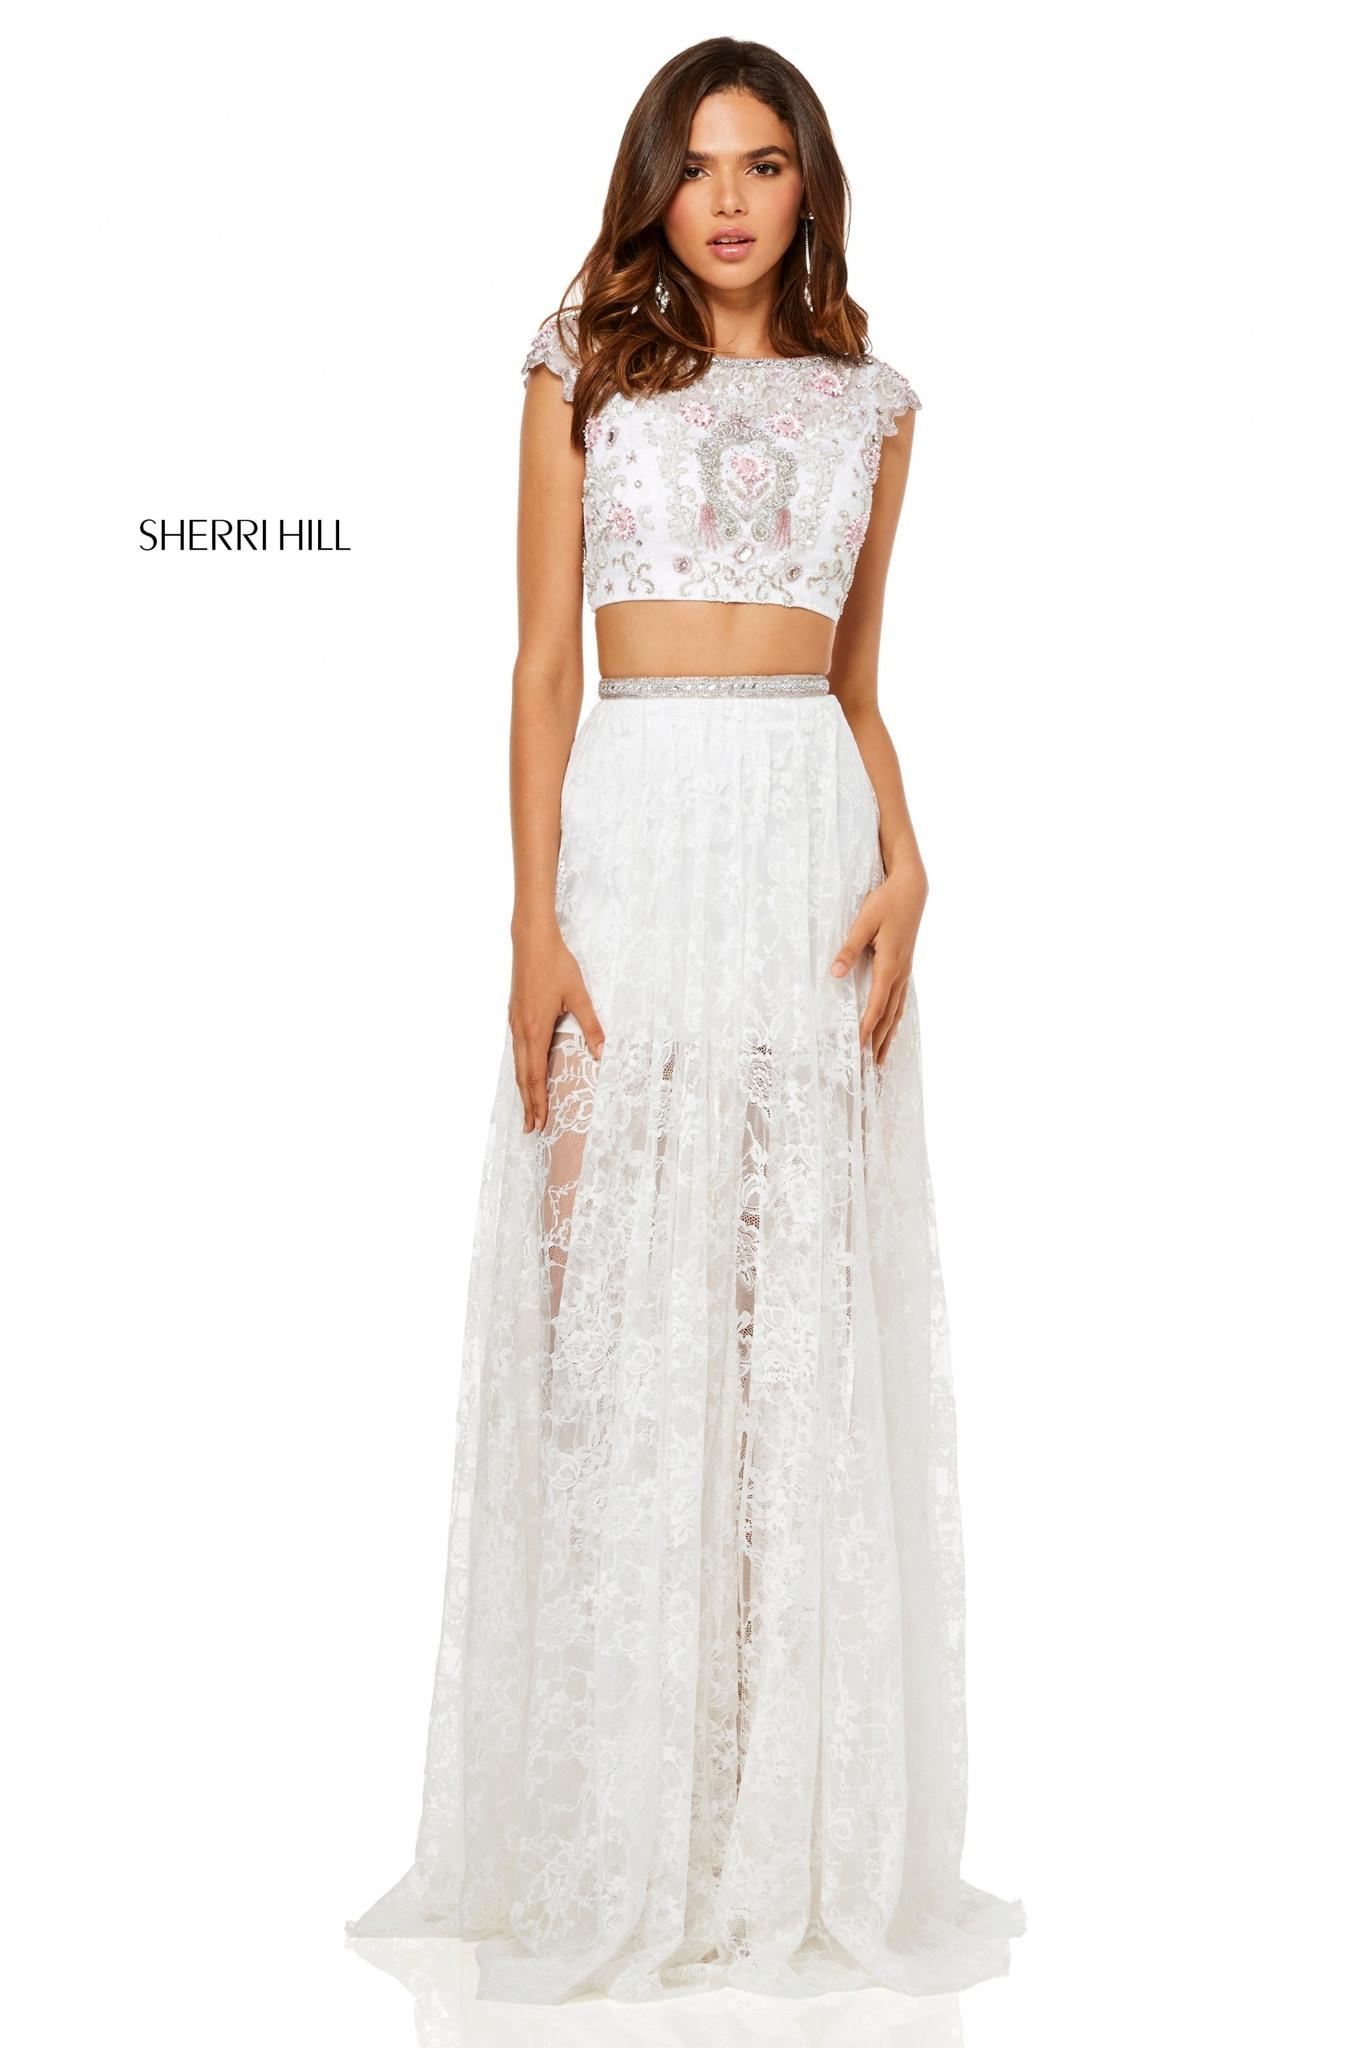 Sherri Hill 52519 Длинное, нежное, легкое платье кроп-топ